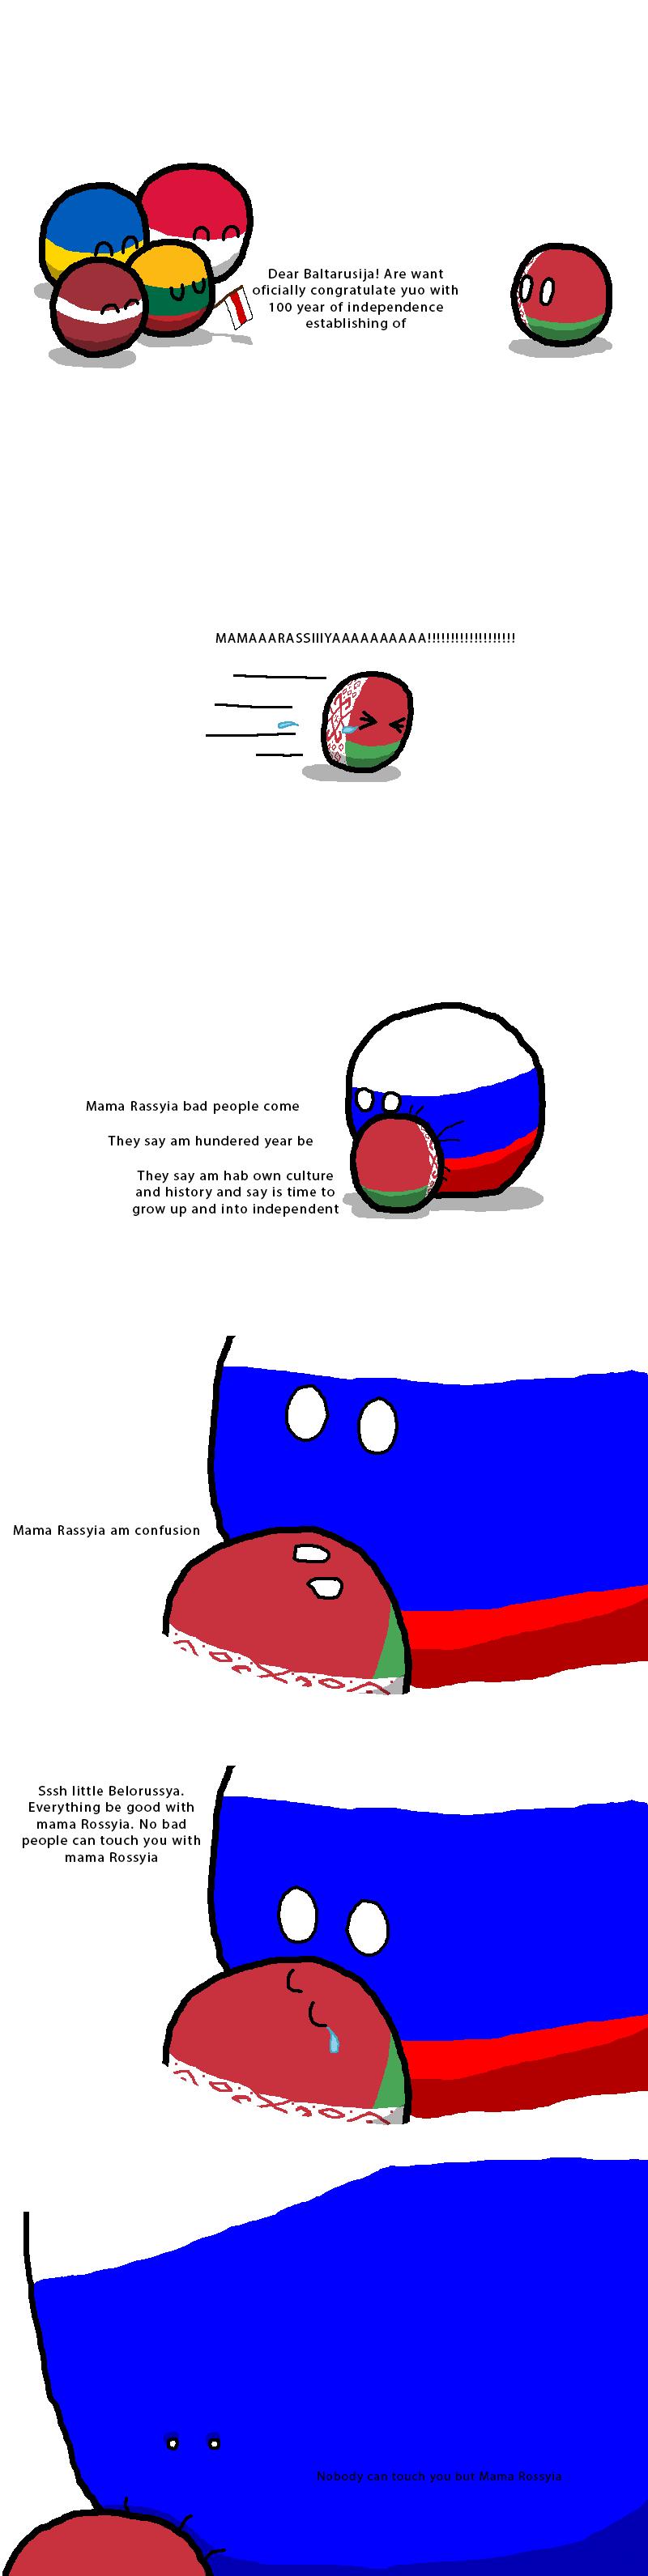 Countryballs Speedart 16 Soviet Republics